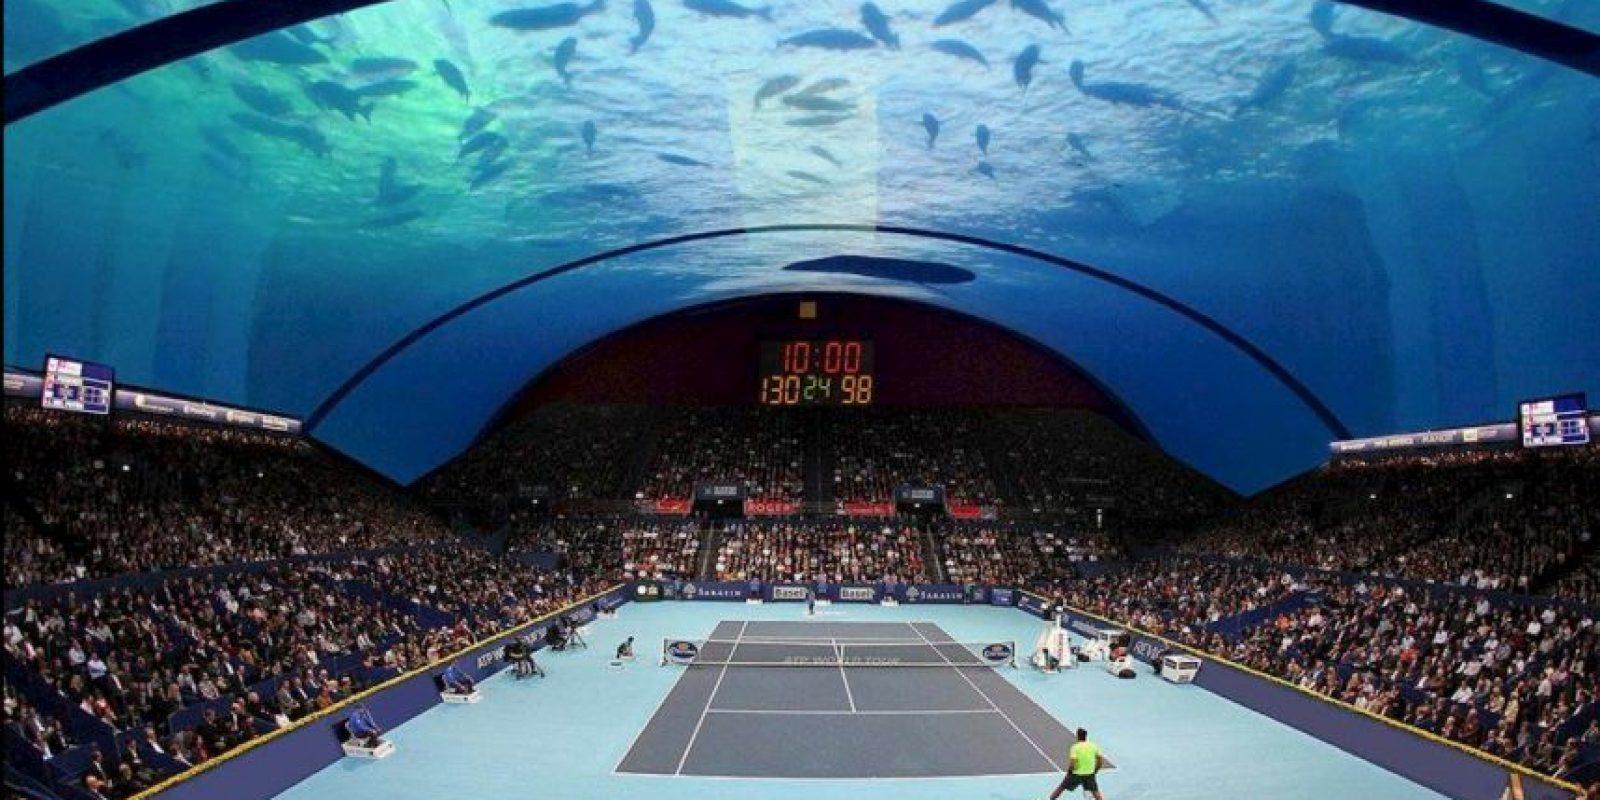 El arquitecto polaco, Krzysztof Kotala, quiere diseñar una cancha de tenis submarina. Foto:Vía facebook.com/8+8ConceptStudio